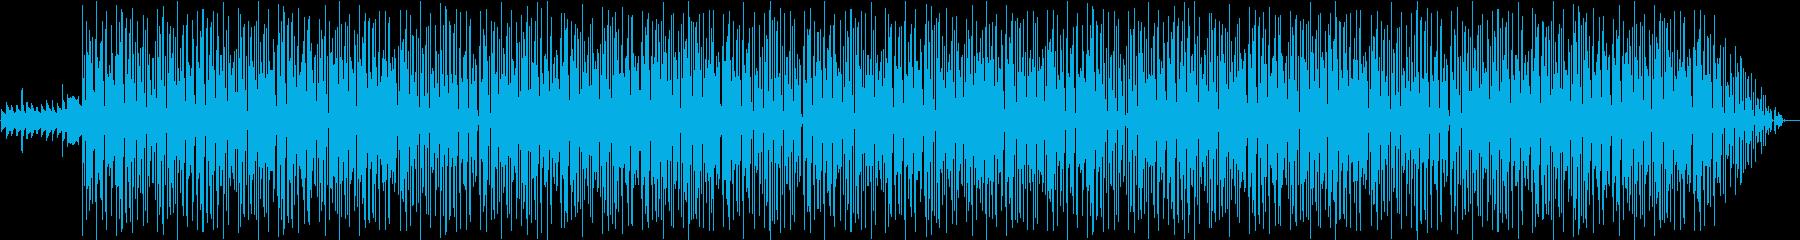 学園モノほのぼの下校的なアコースティックの再生済みの波形